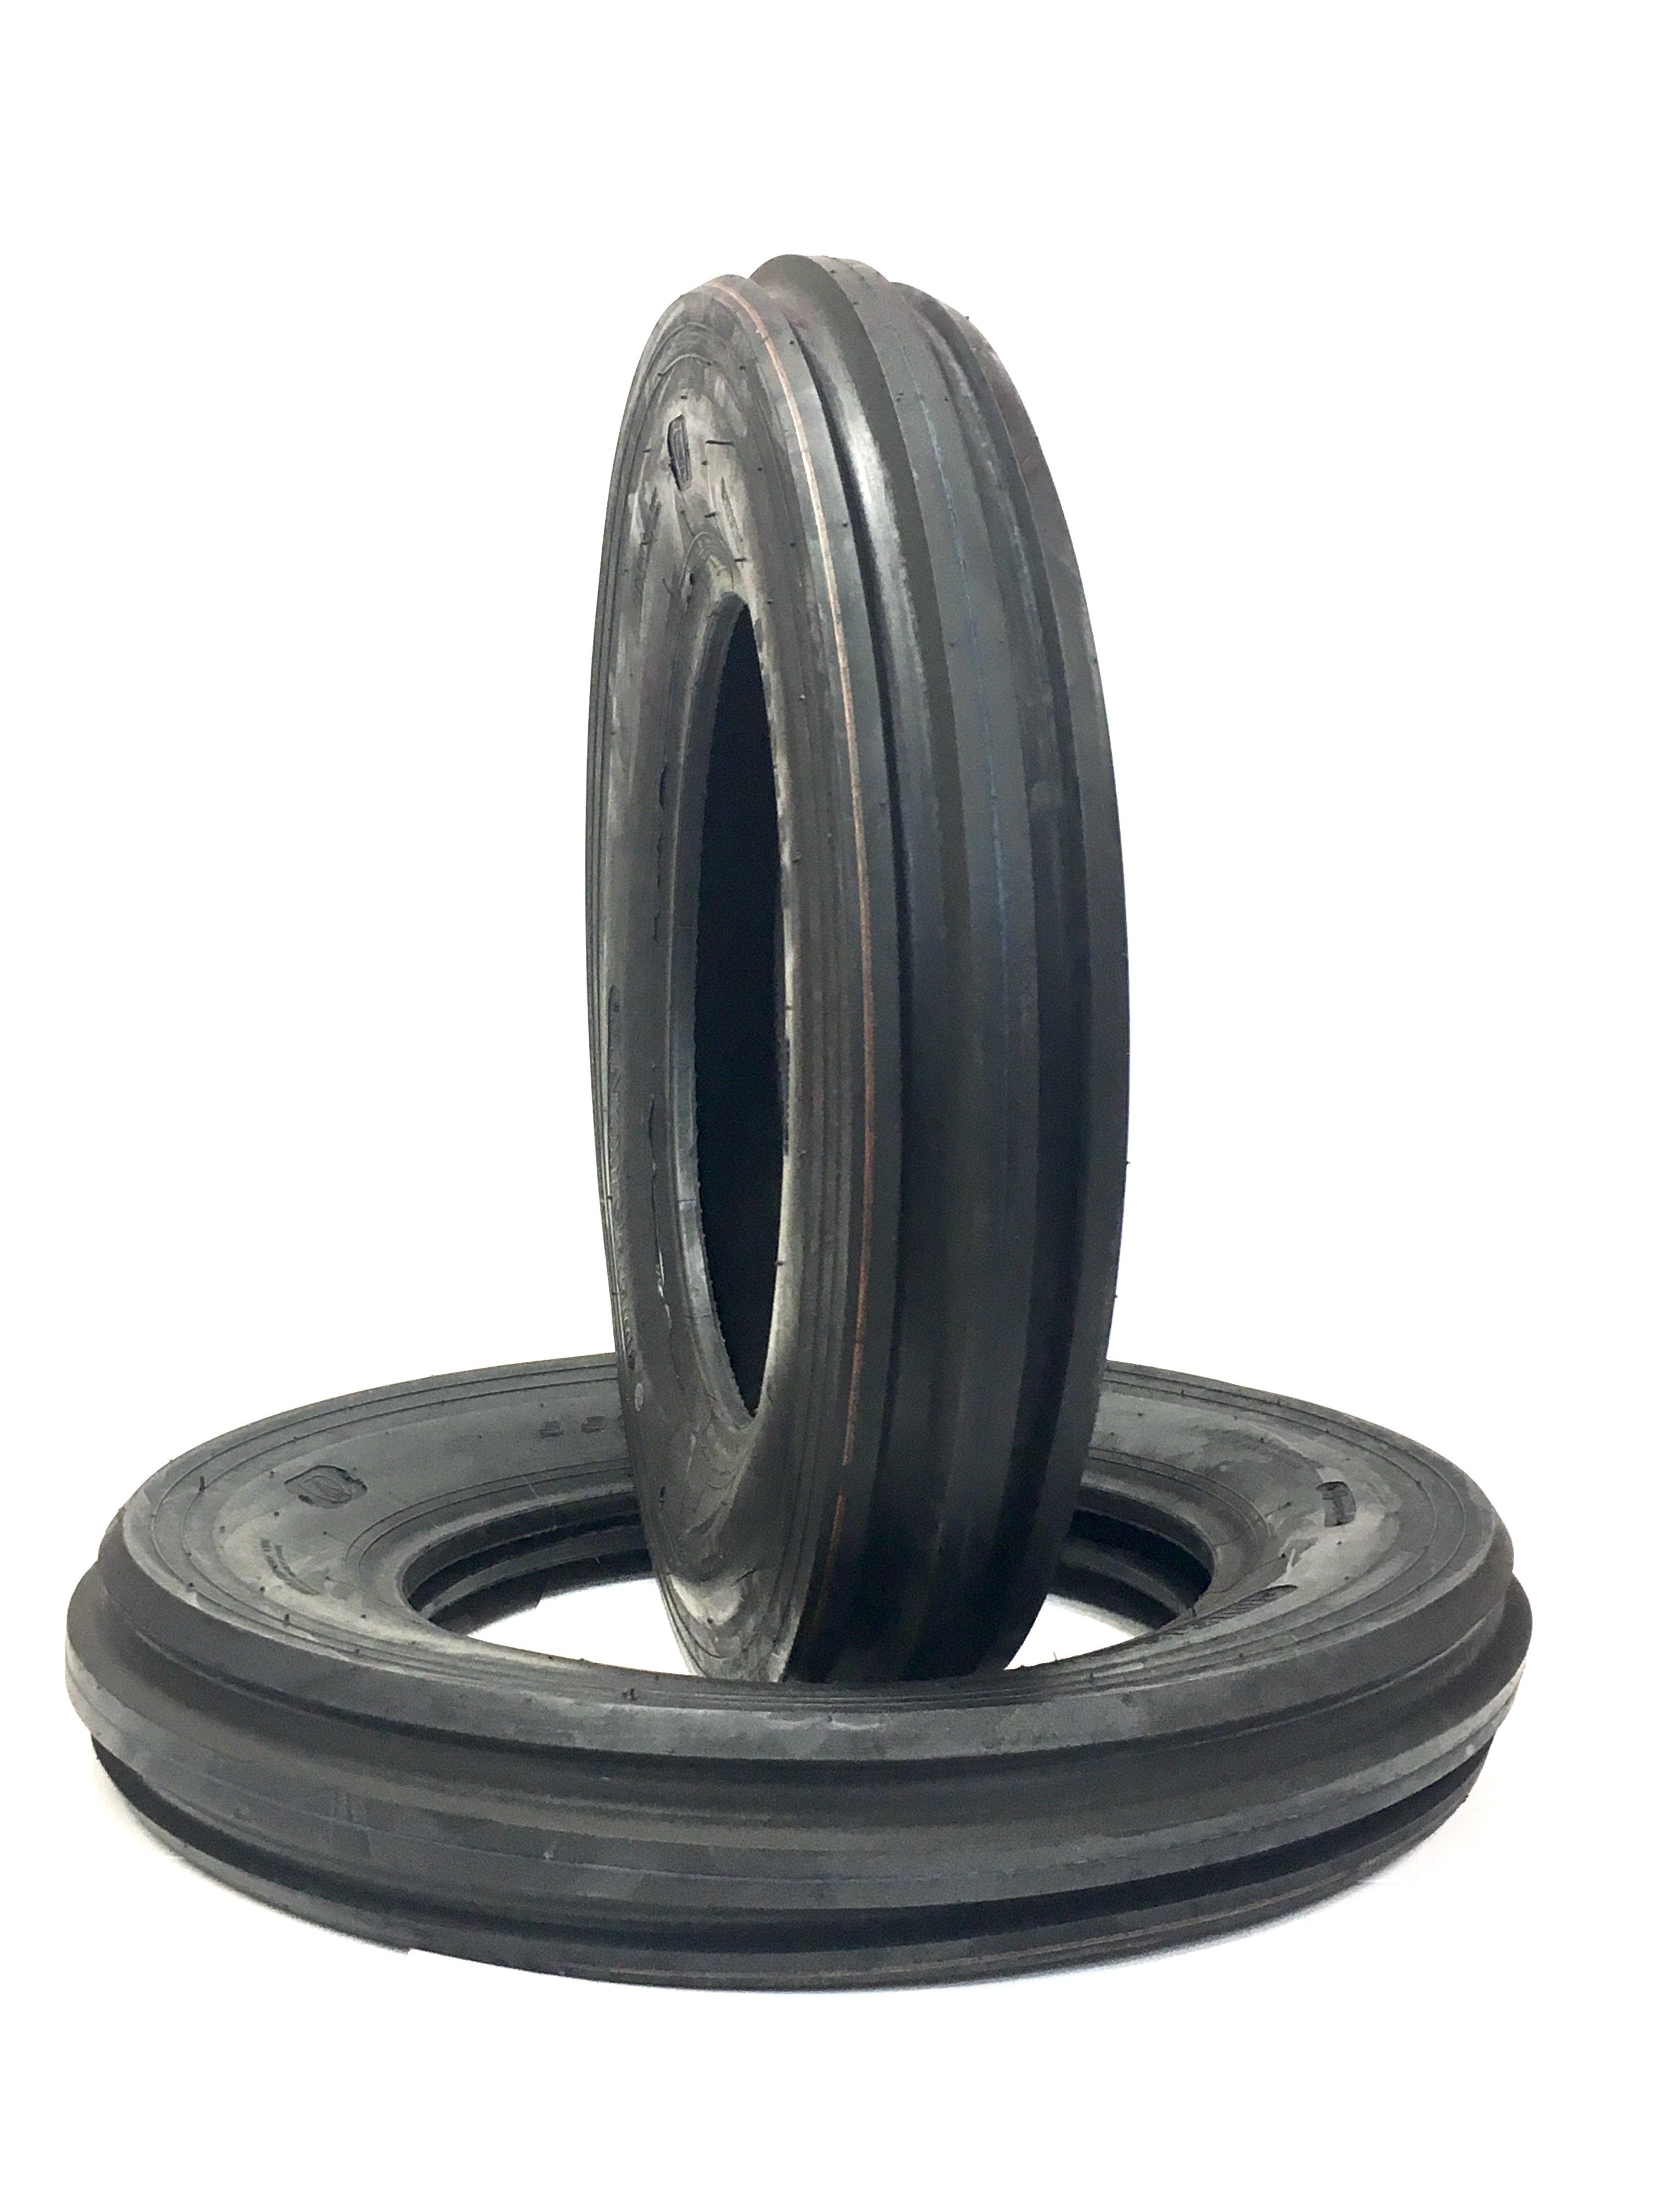 CROP MAX F2 TL   Tires4That   tires4that.com   Tires4That